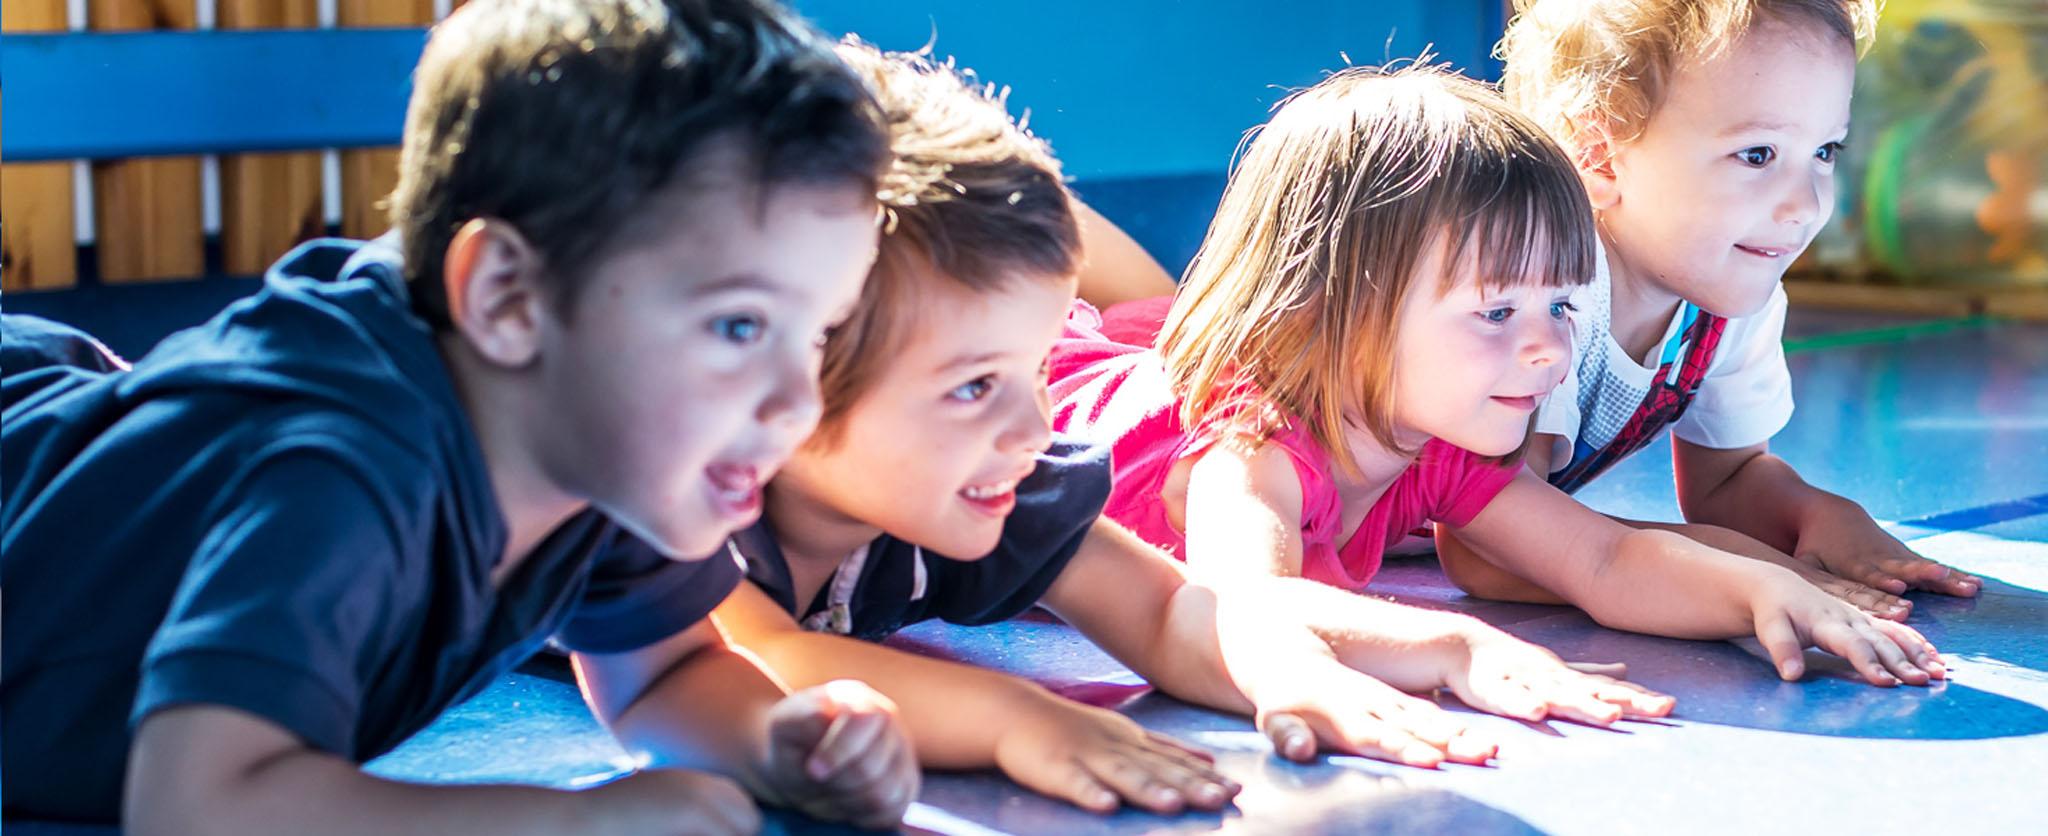 Rete educativa GEIS - Attività di gioco a terra